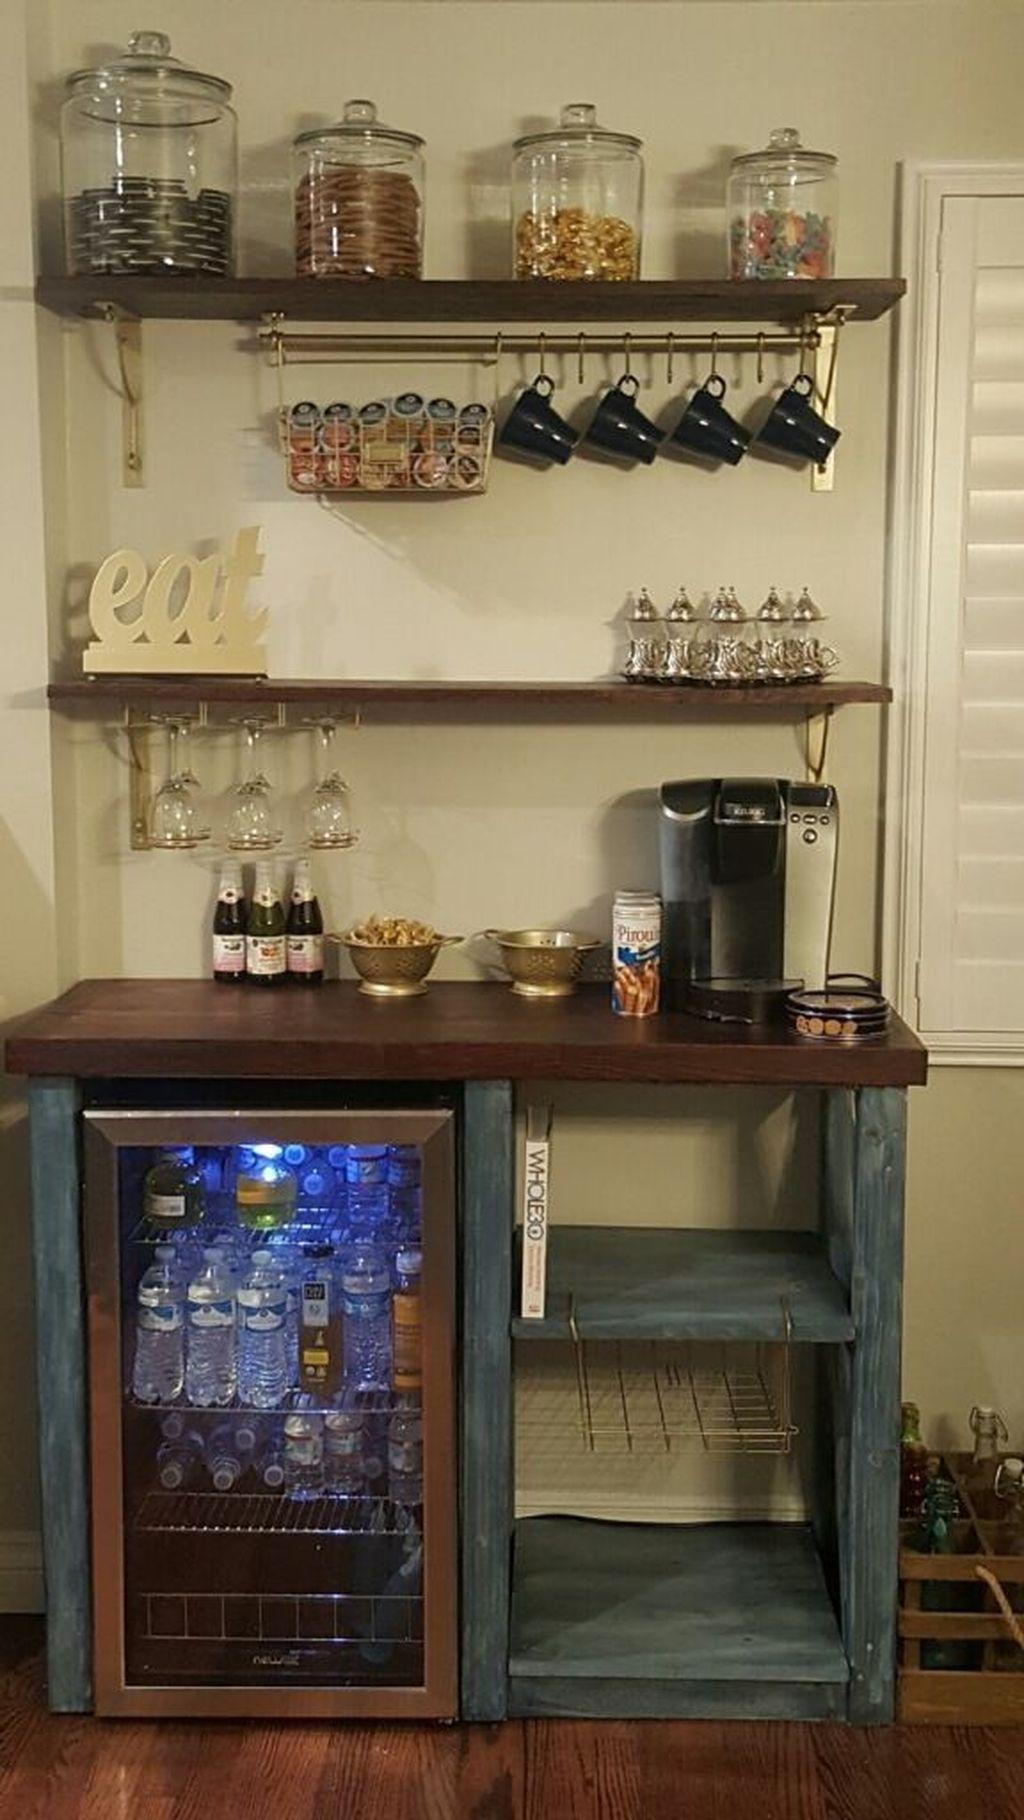 30 Elegant Mini Bar Design Ideas That You Can Try On Home Haus Deko Dekor Und Kuchendekoration